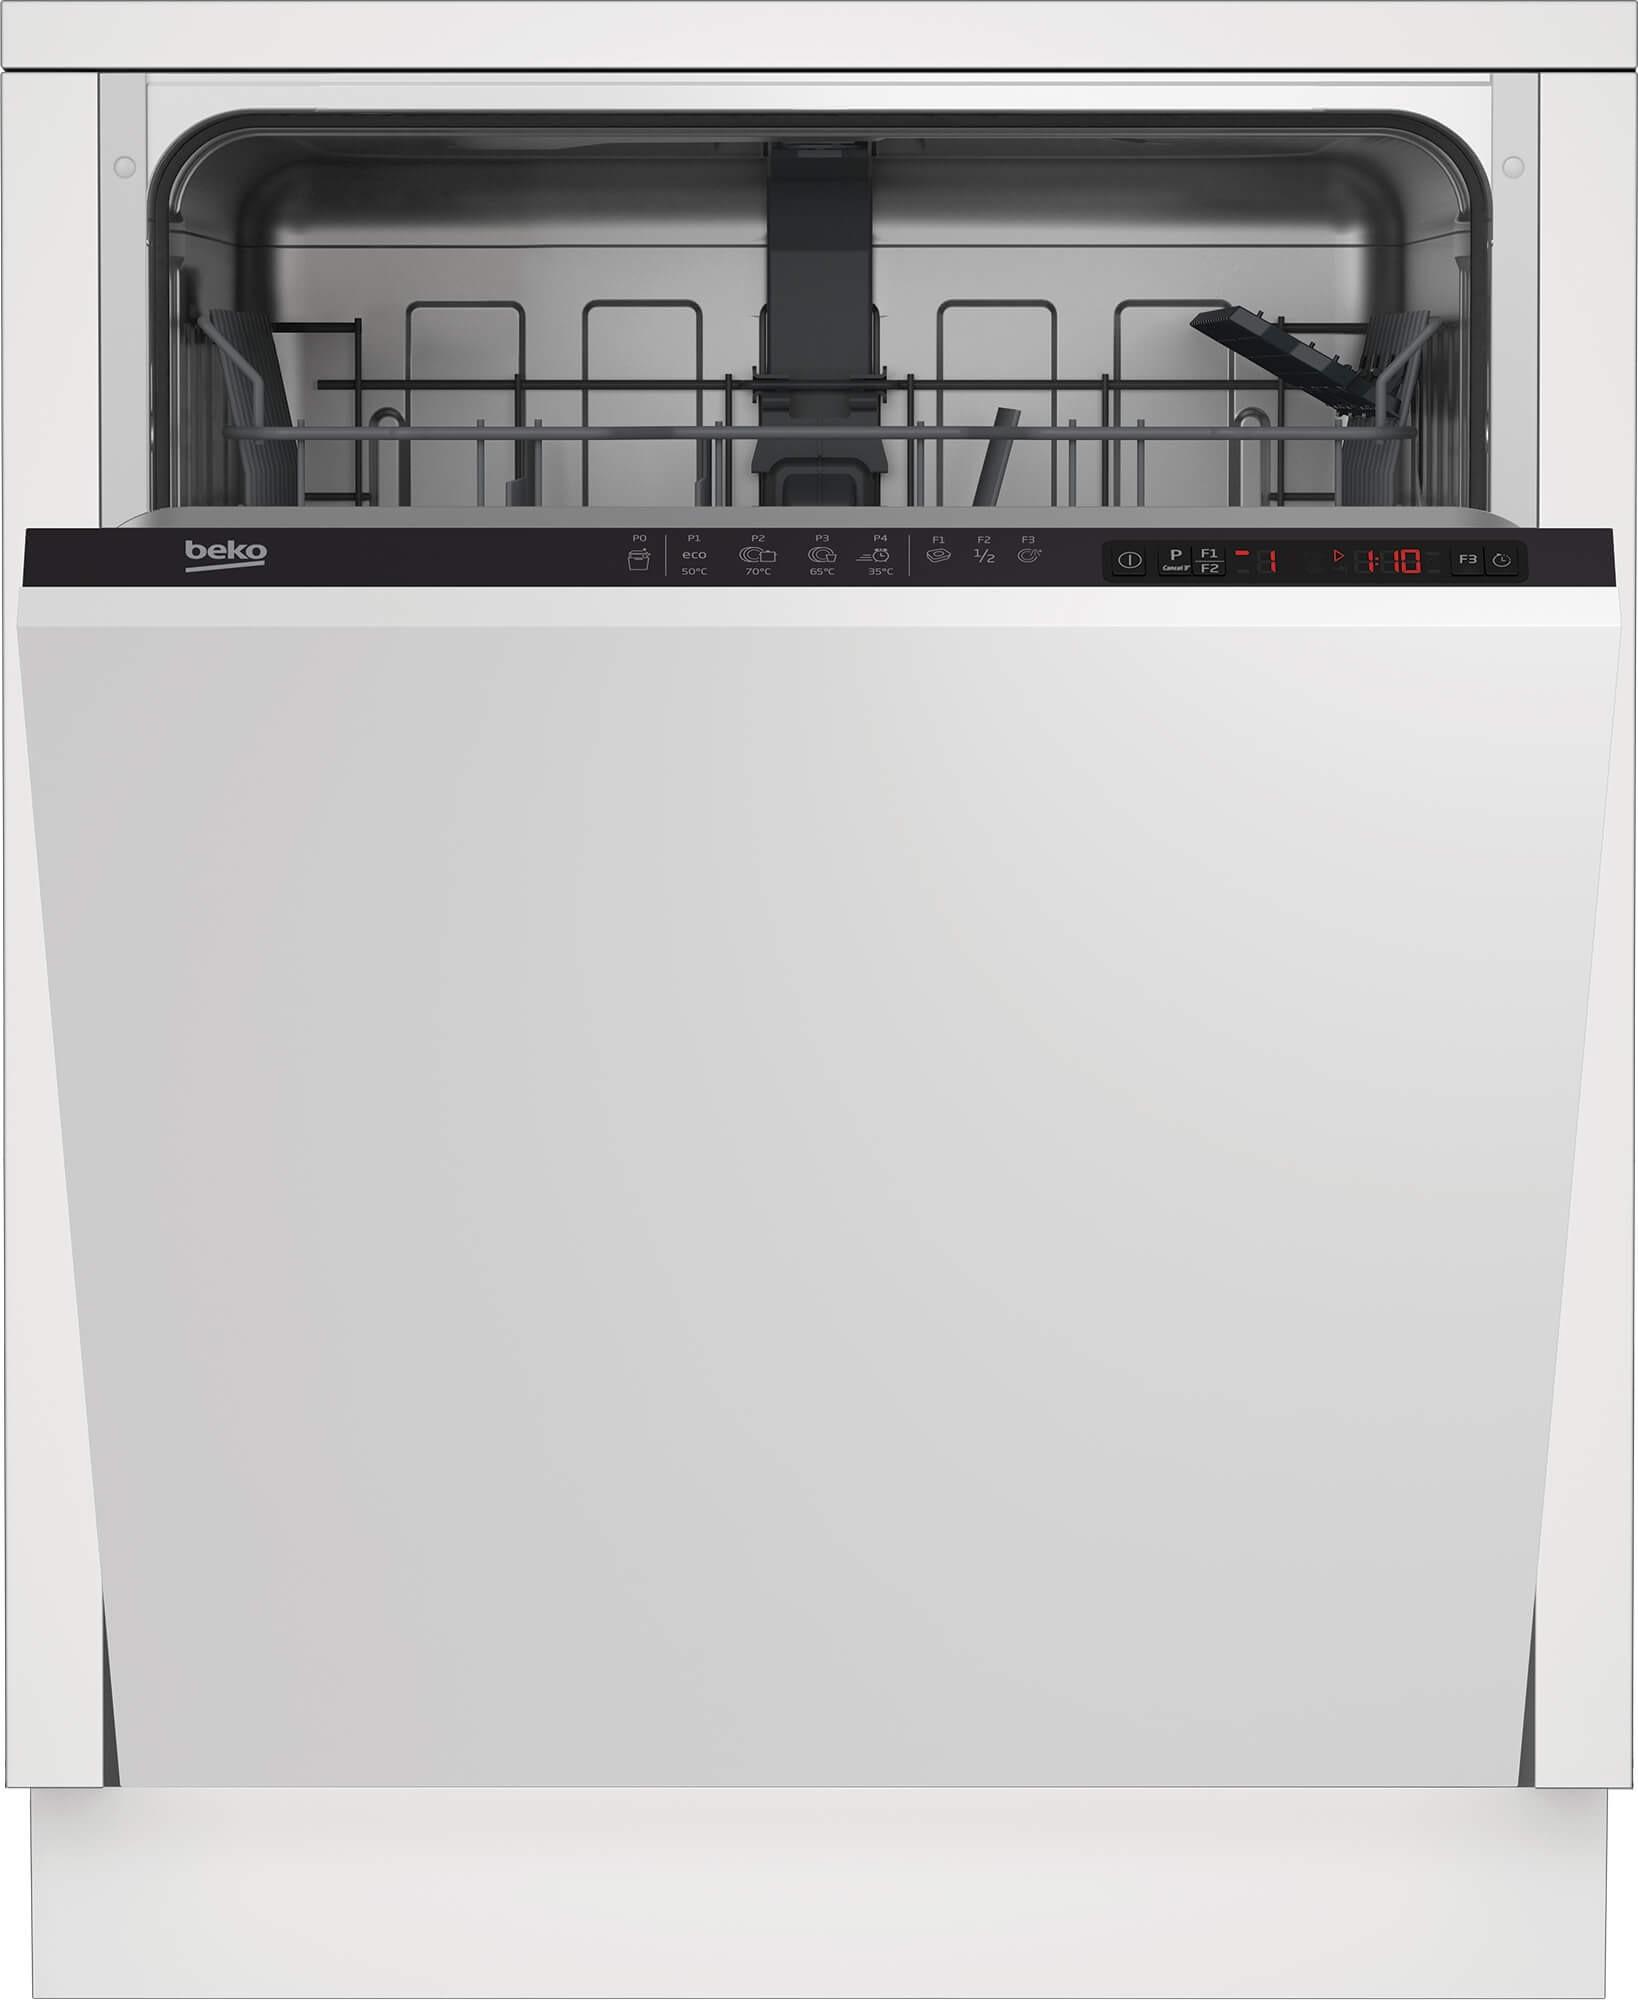 Masina de spalat vase incorporabila Beko BDIN24320